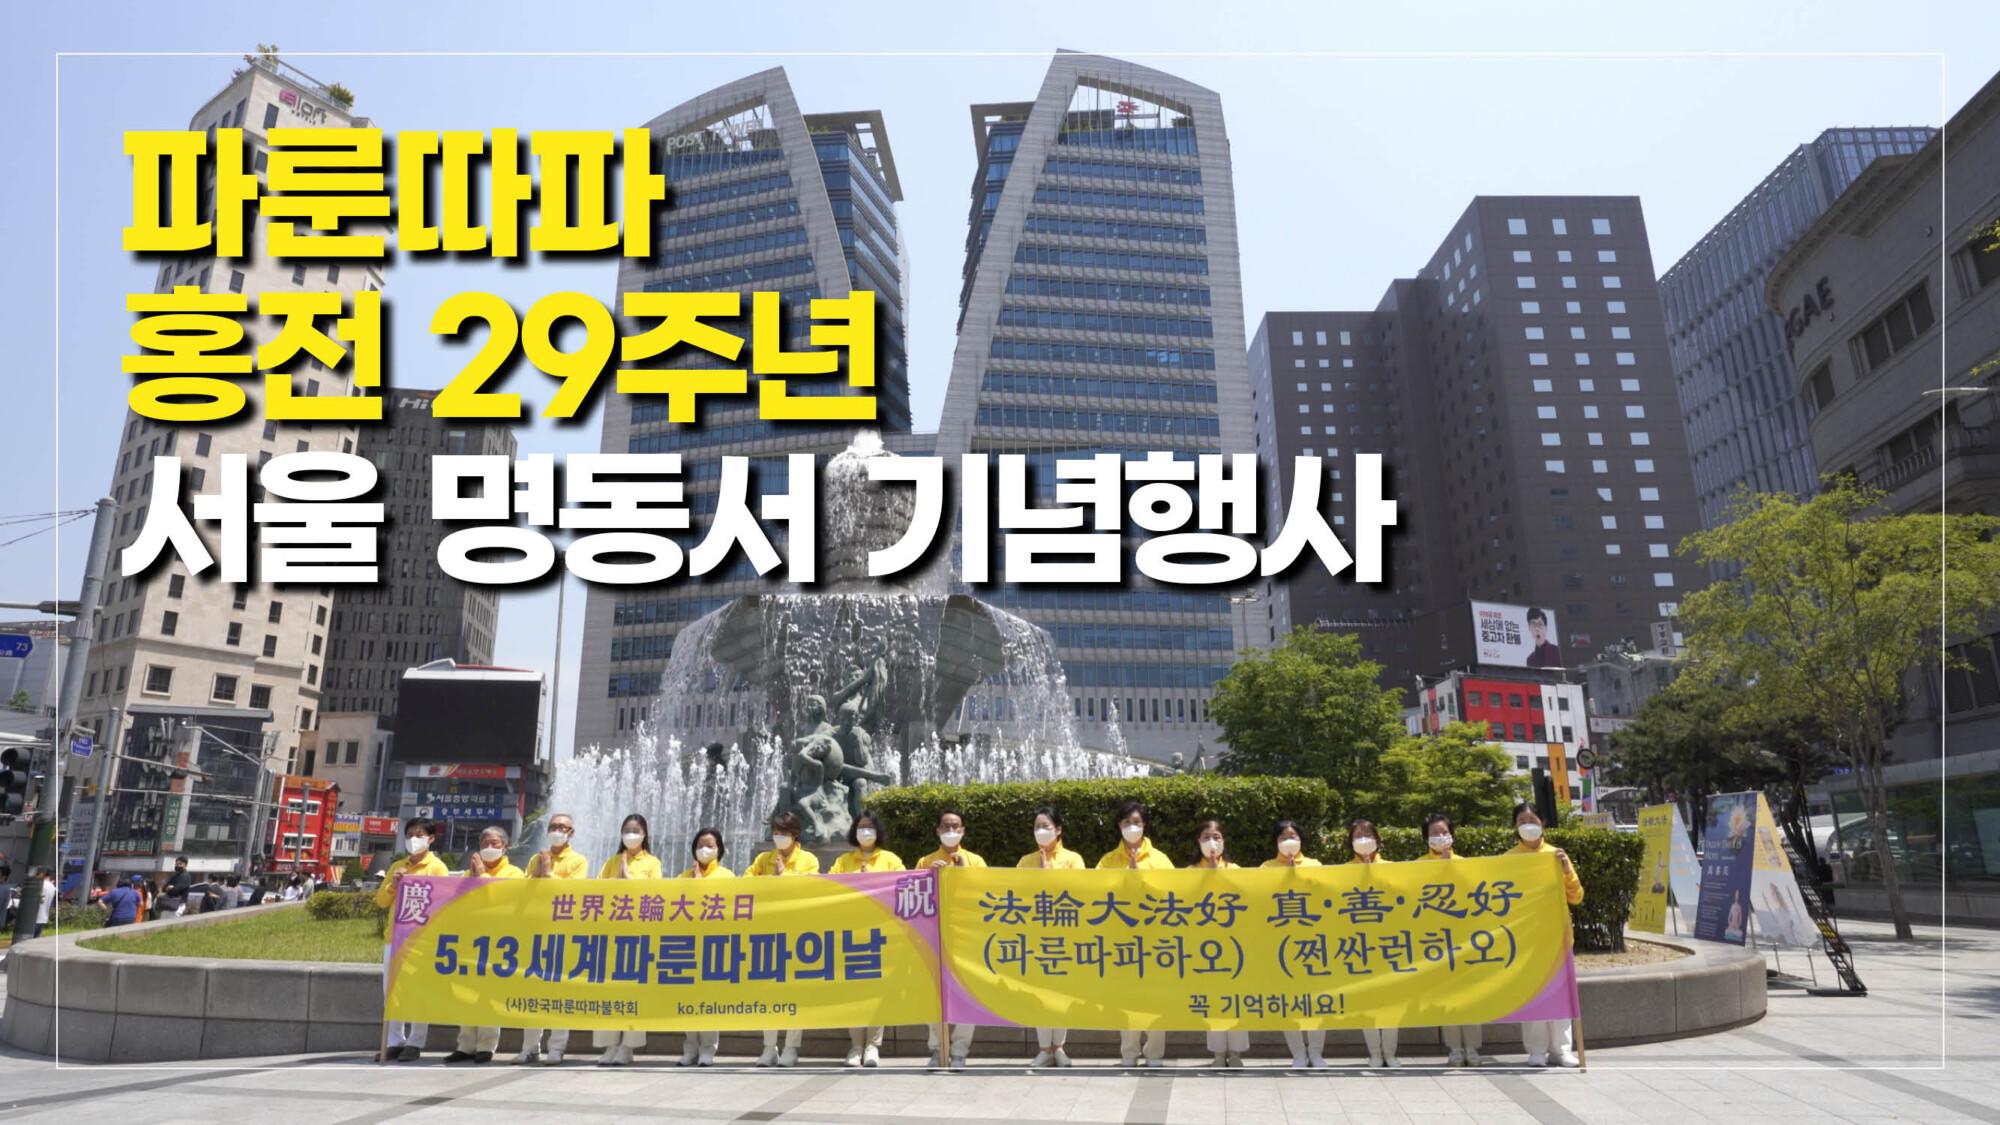 홍전 29주년을 맞은 파룬따파, 서울 명동에서 '513 파룬따파의 날' 기념행사 열려